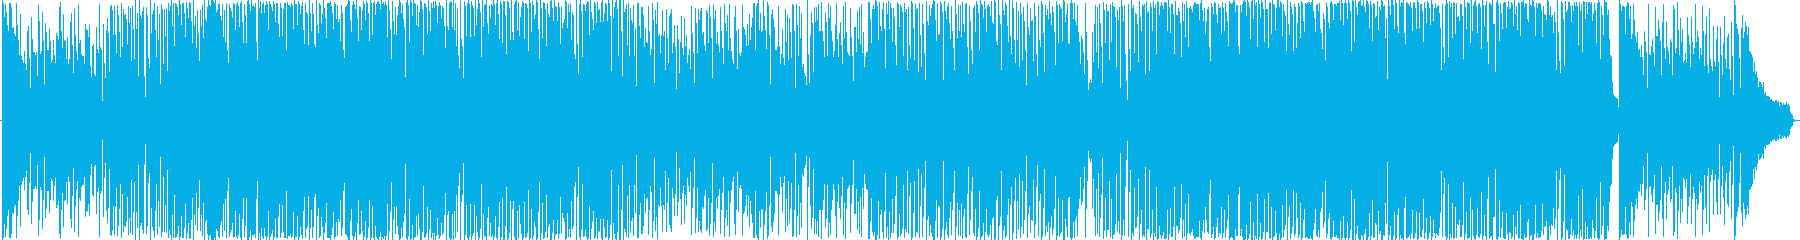 ジングルベル エレクトリカルパレード風の再生済みの波形